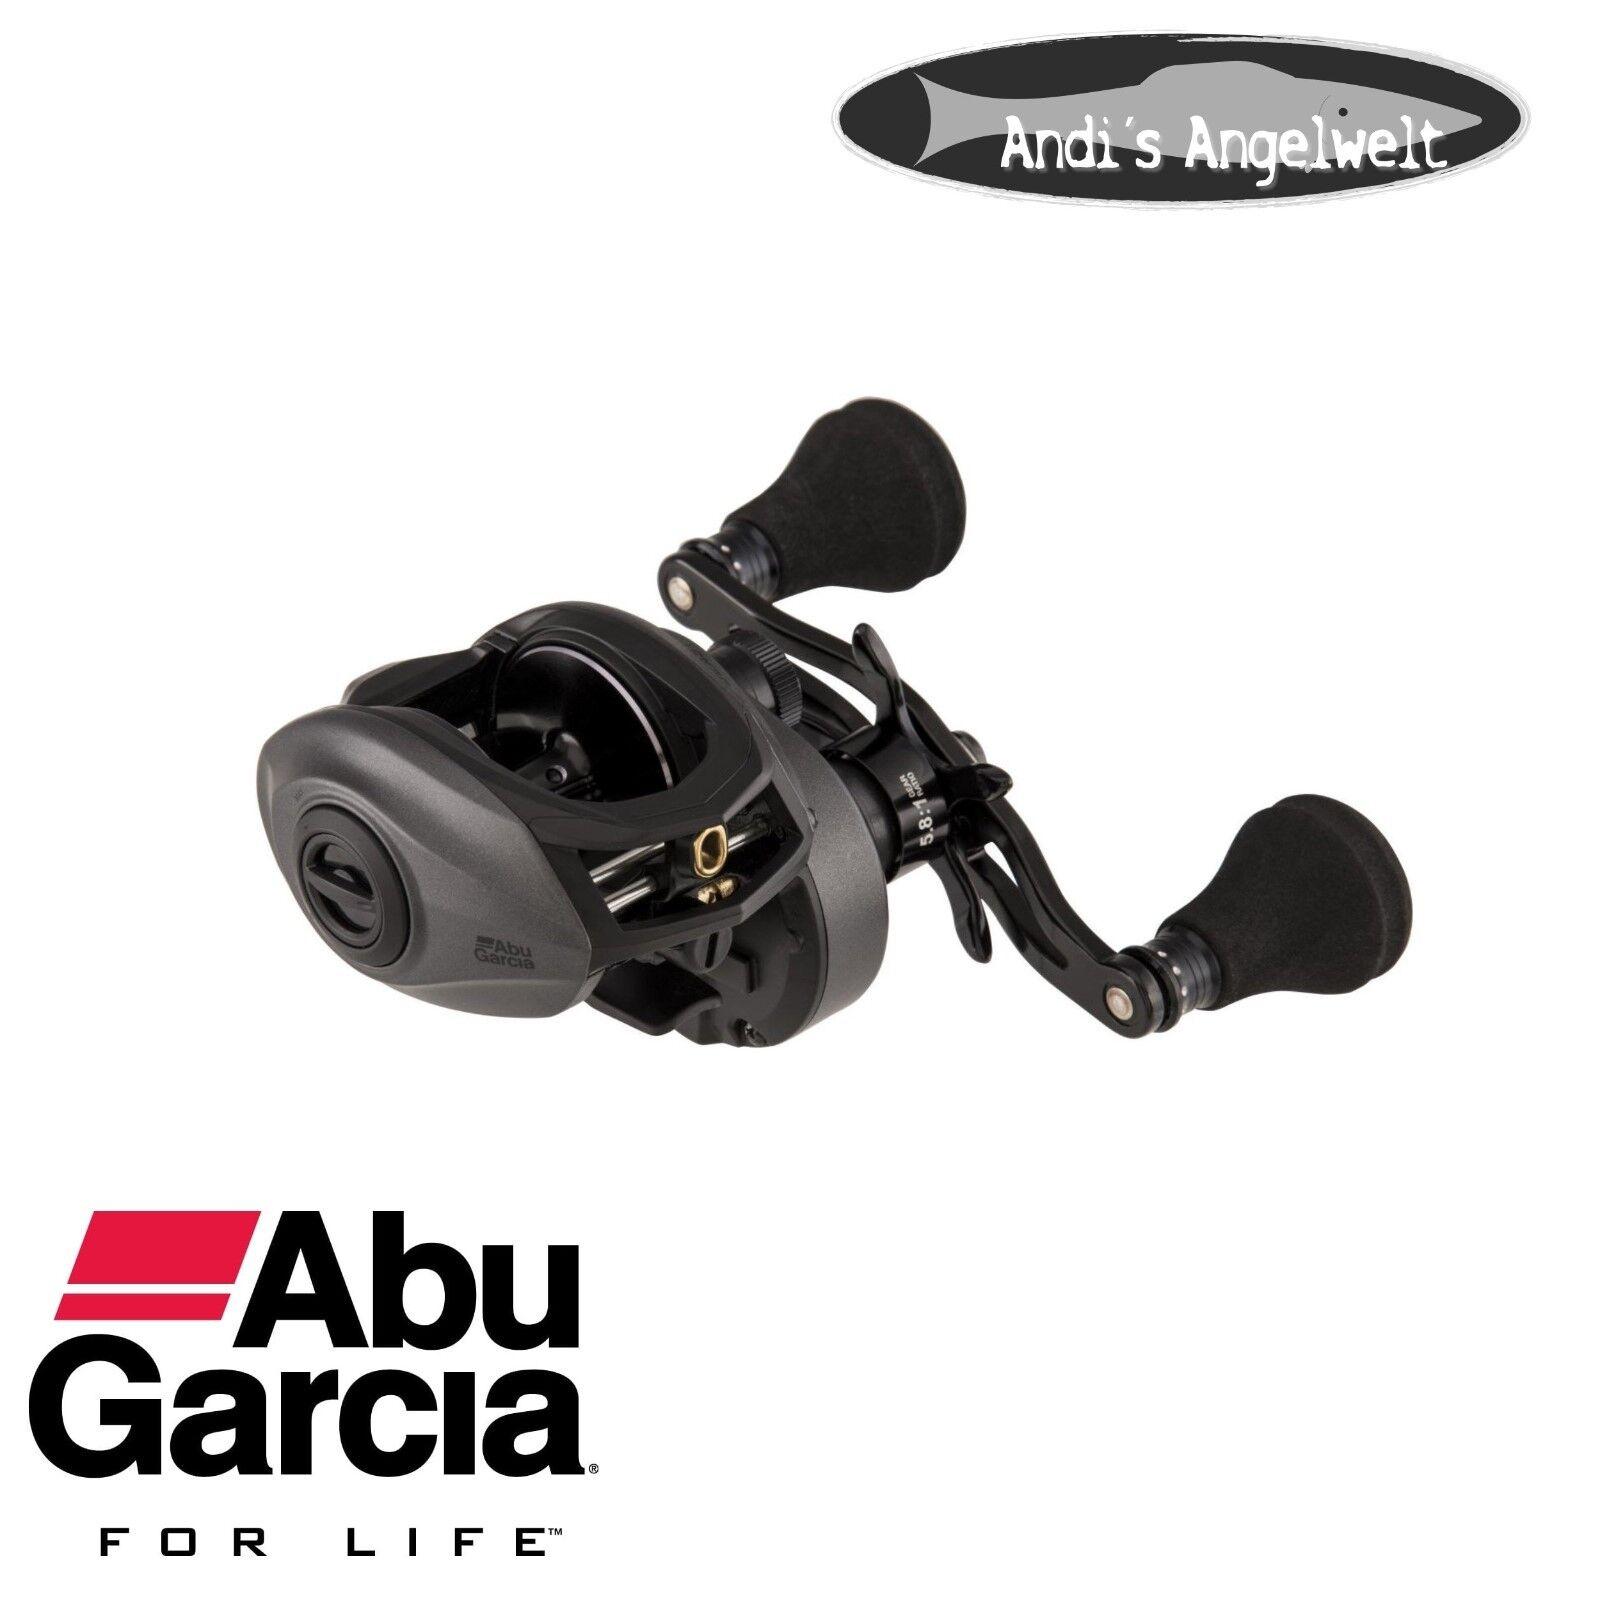 Abu Garcia Revo Beast 41-l baitcastrolle izquierda mano modelo novedad precio de acción